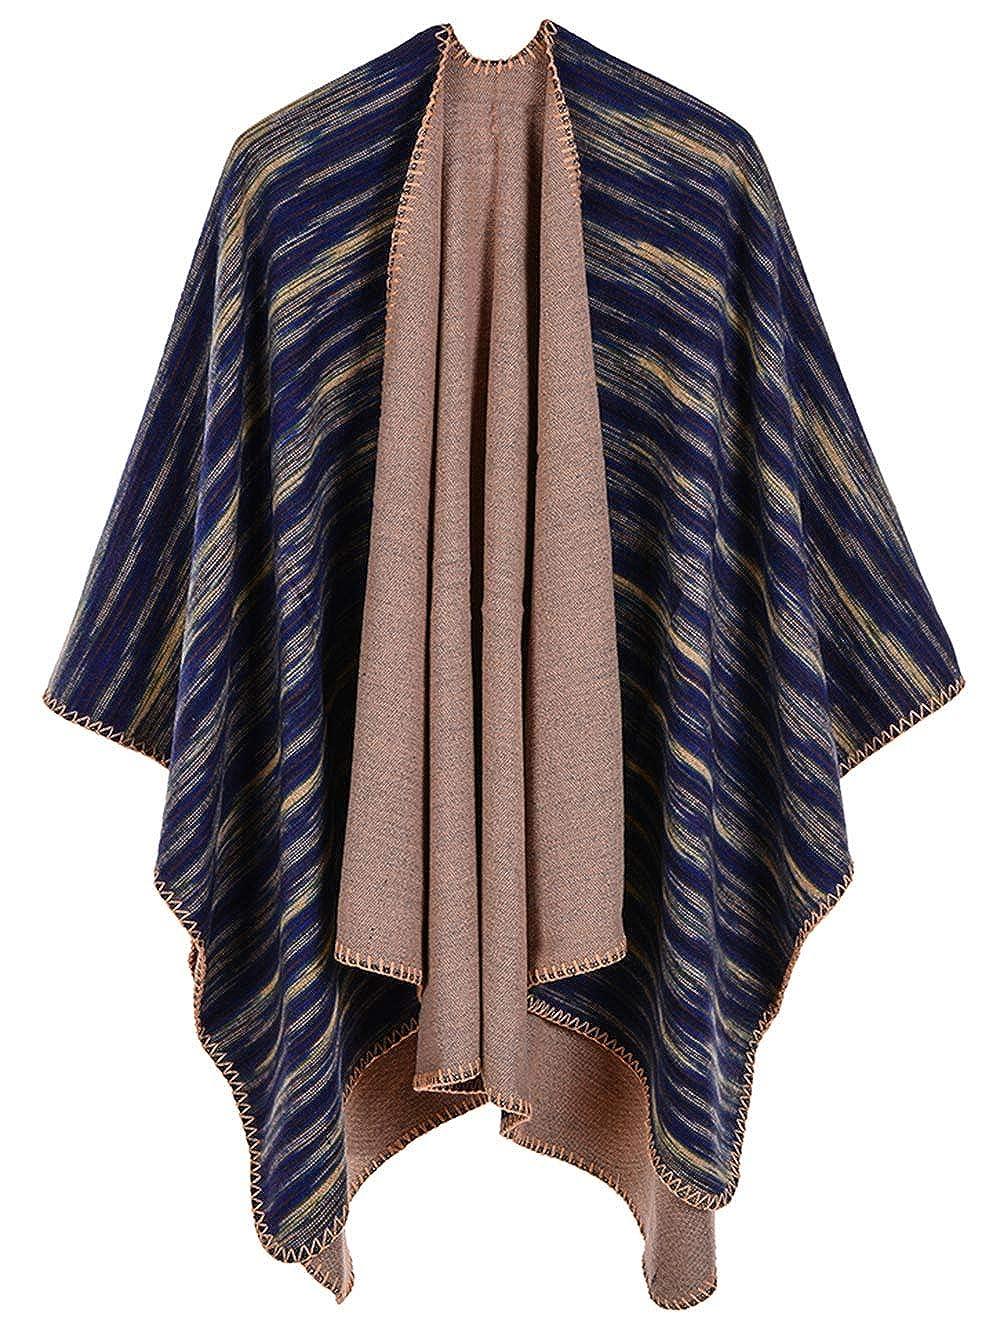 8502c56c50bc Cape Poncho Femme Grande Taille Tricot Tartan Vintage Style Foulard Chaud  Ouverture Large Epais Châle Longue Couverture Discret Hiver Automne   Amazon.fr  ...